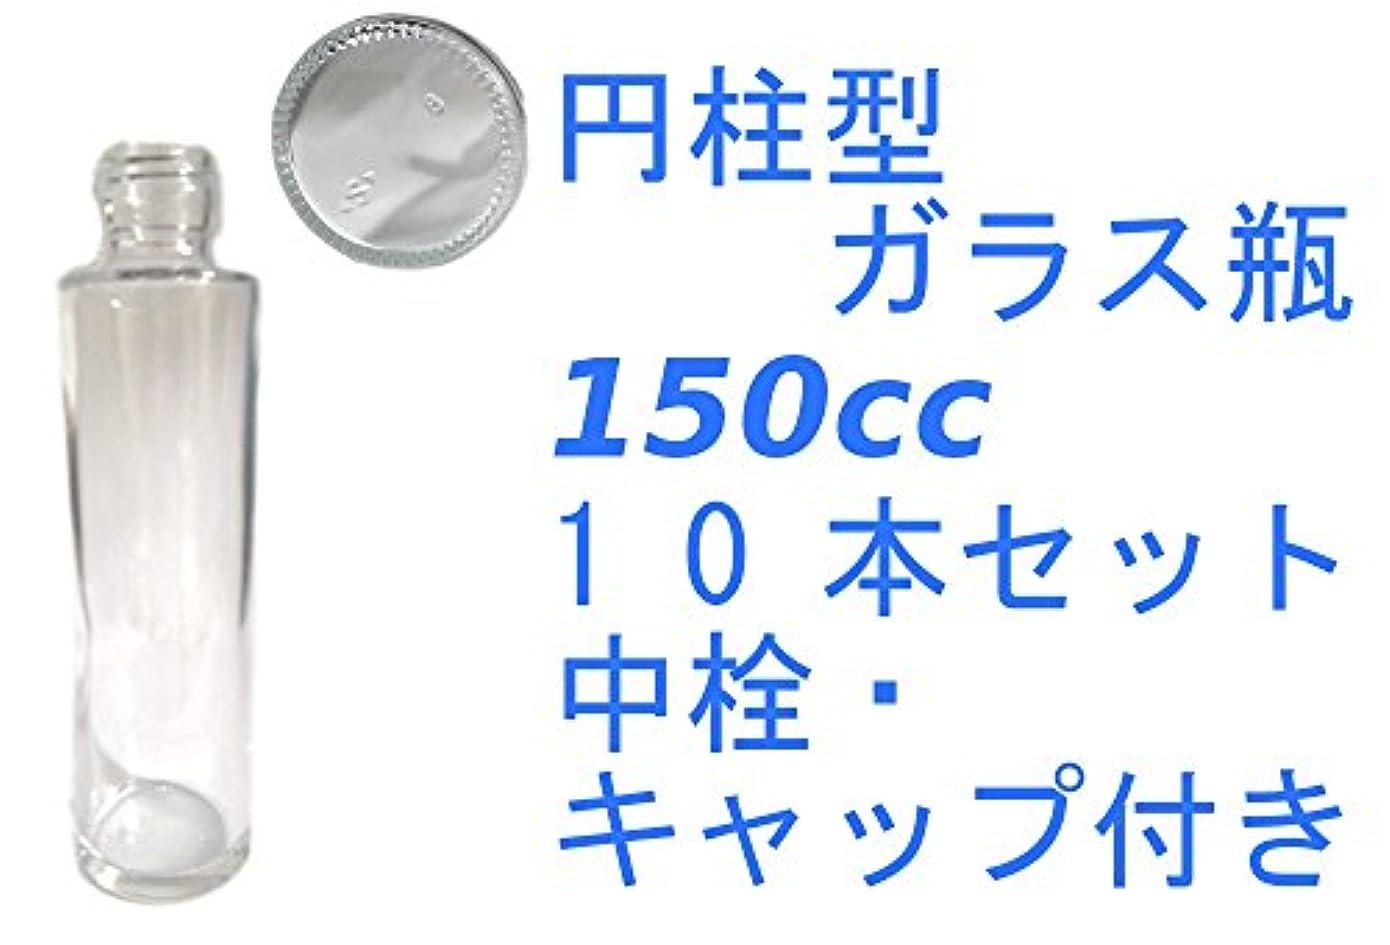 起きる酔う茎(ジャストユーズ)JustU's 日本製 ポリ栓 中栓付き円柱型ガラス瓶 10本セット 150cc 150ml アロマディフューザー ハーバリウム 調味料 オイル タレ ドレッシング瓶 B10-SSS150A-S